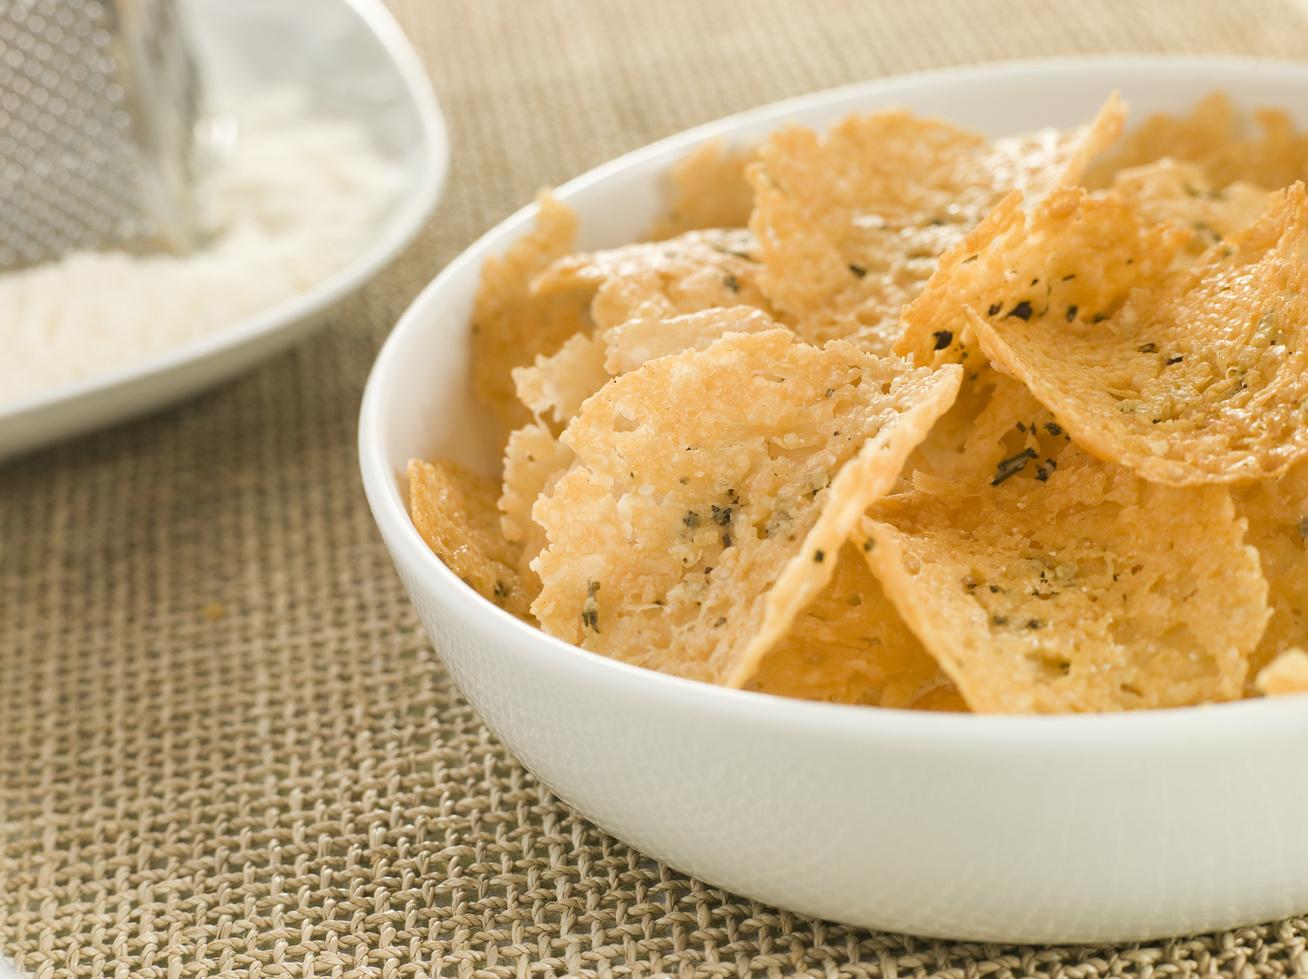 Ropogós parmezánchips sütőben sütve: itt az új snack krumpli helyett